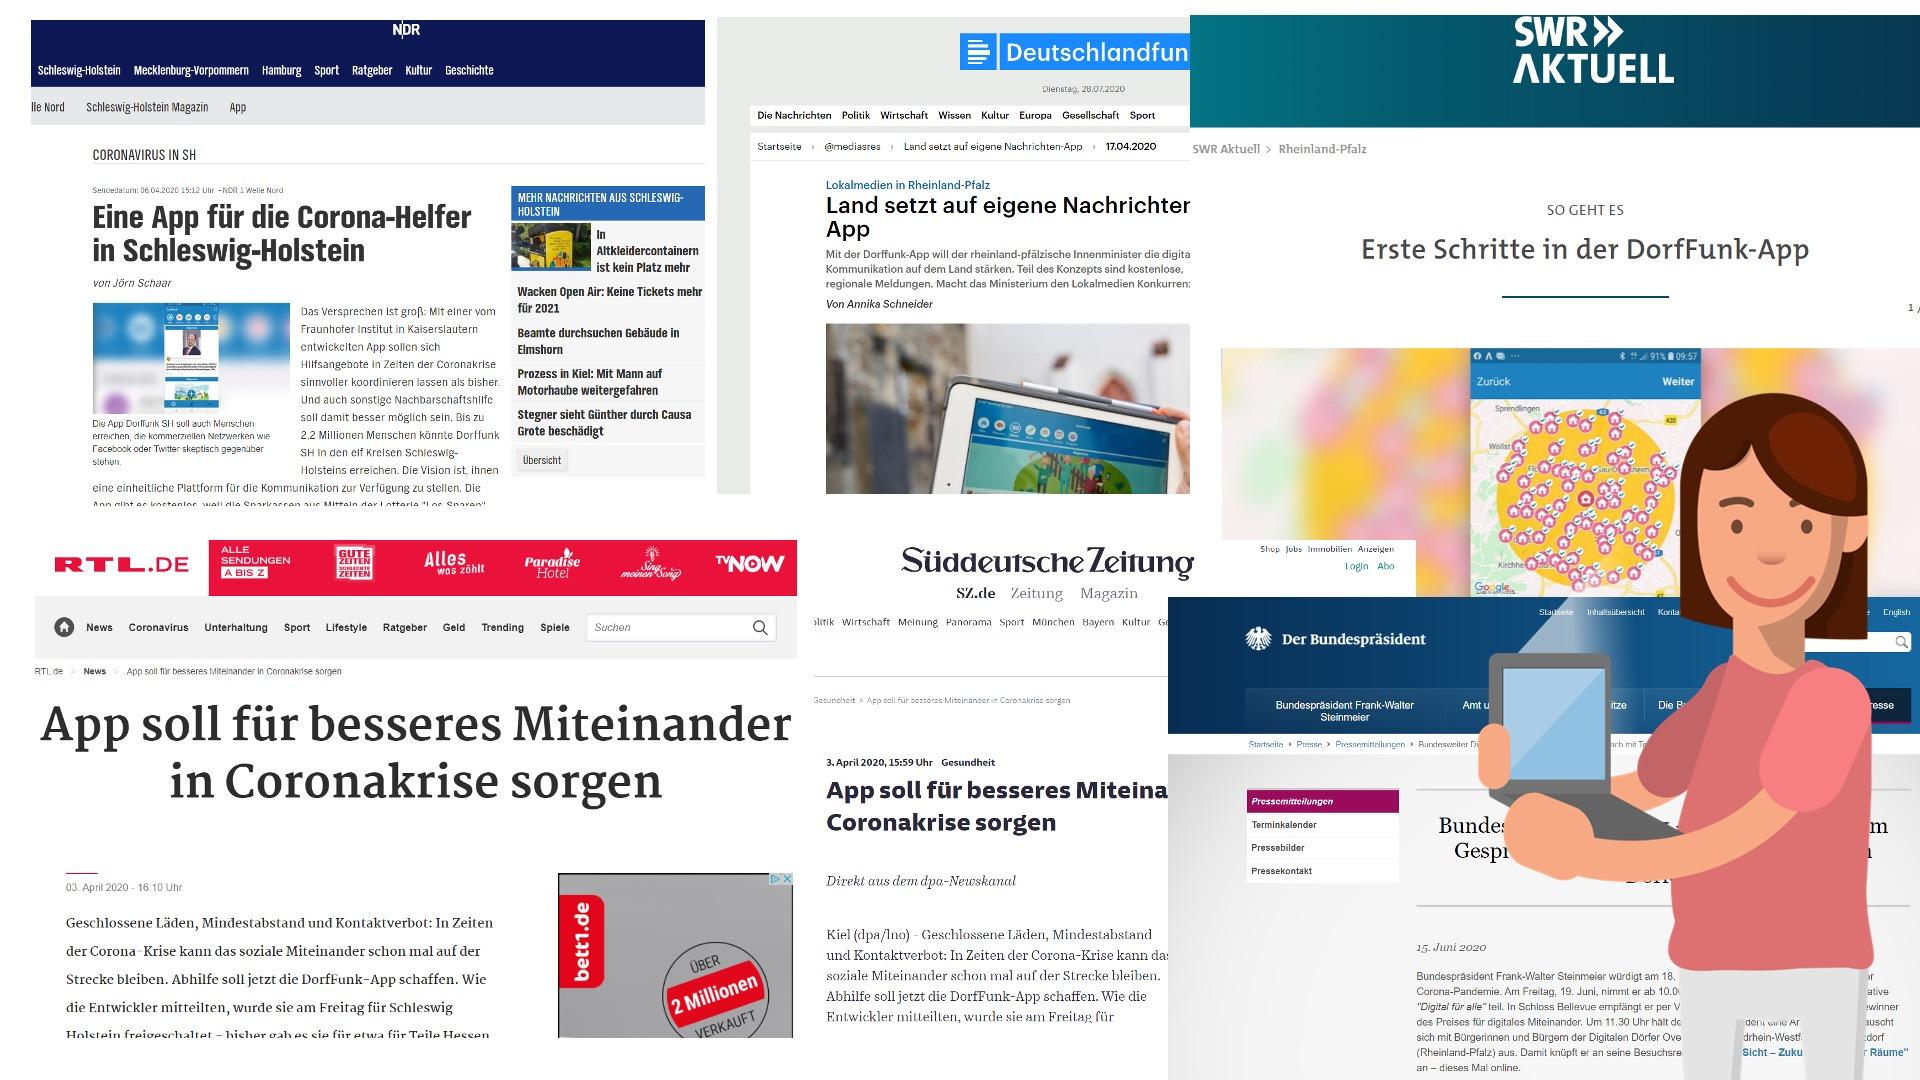 Eine Collage aus verschiedenen Zeitungsartikeln zum DorfFunk-Rollout - von SWR über RTL bis zur Süddeutschen.